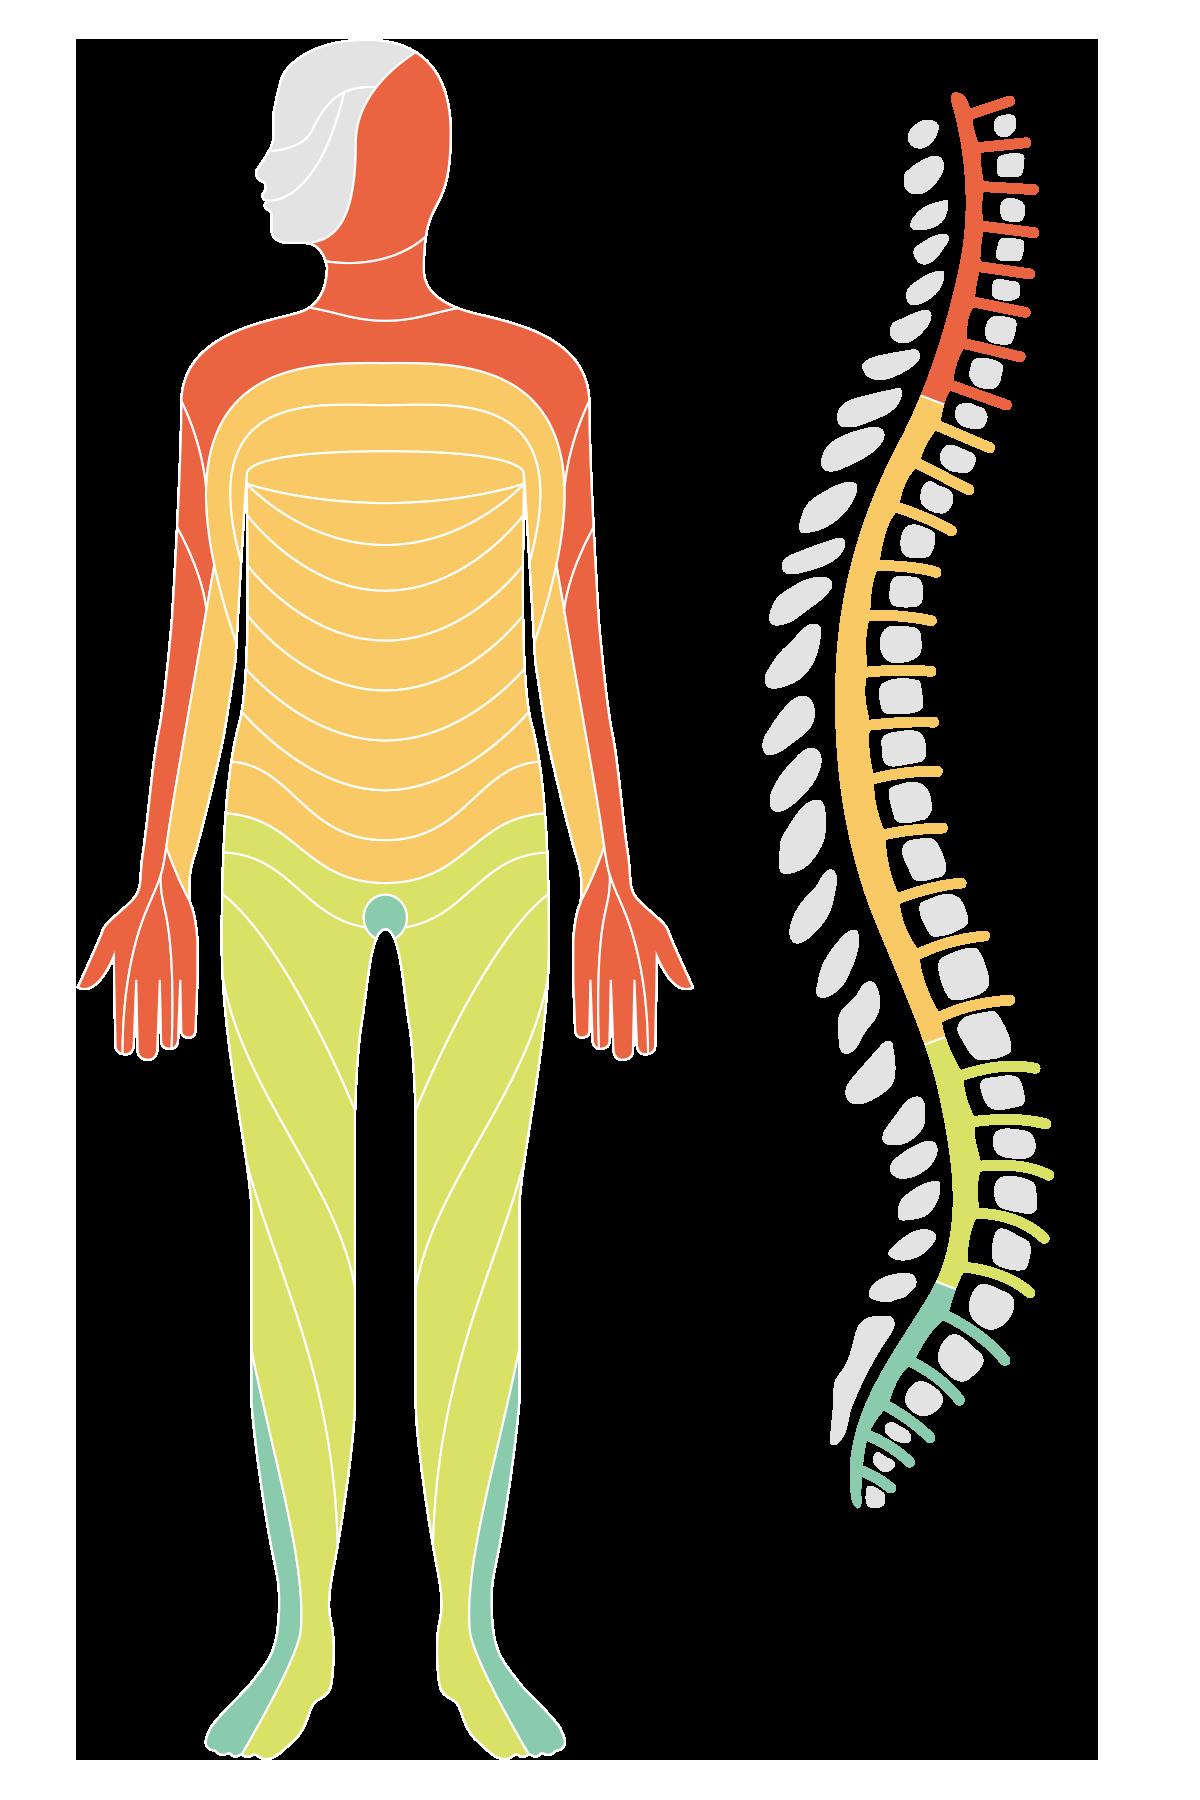 vad består ryggmärgen av